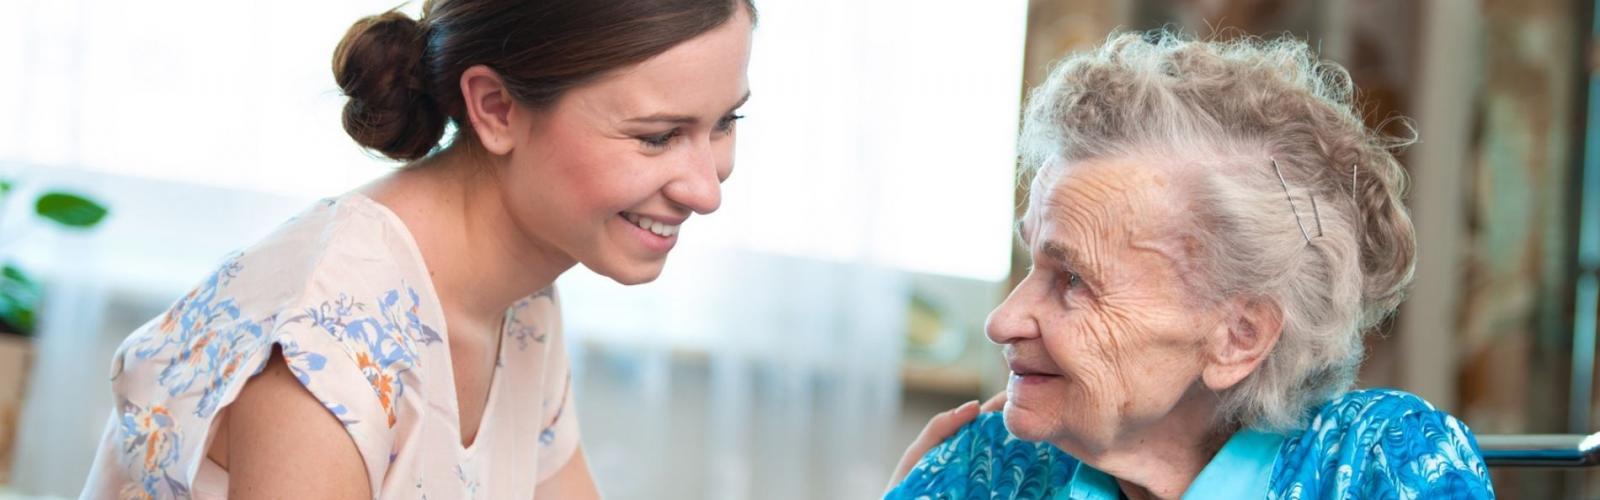 Aide aux personnes âgées : comment fonctionne l'aide personnalisée à domicile ?